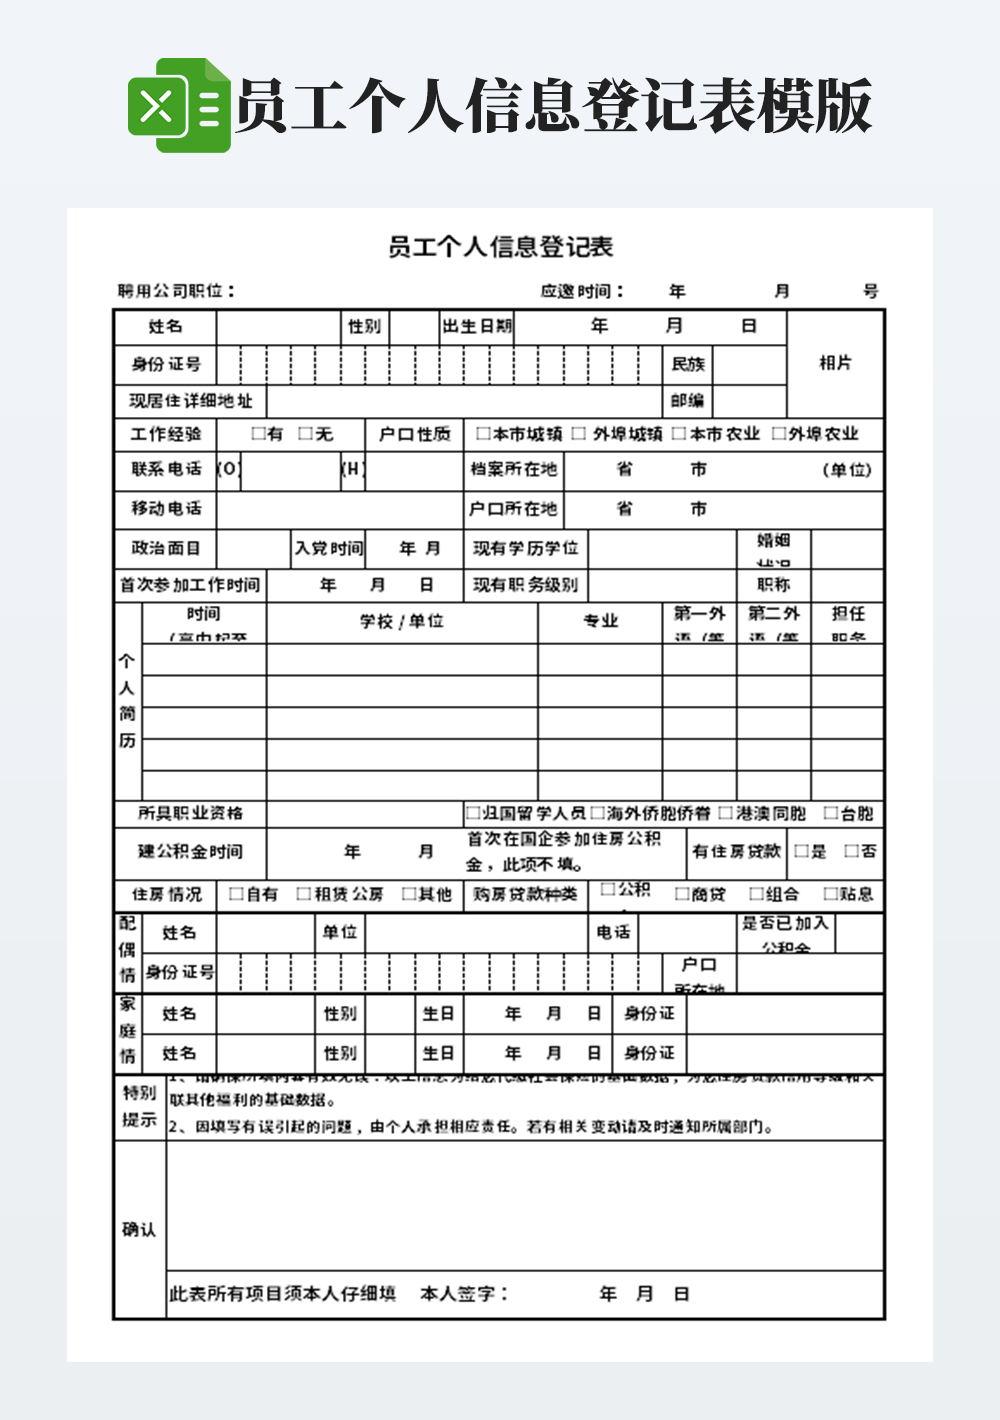 员工个人信息登记表模板